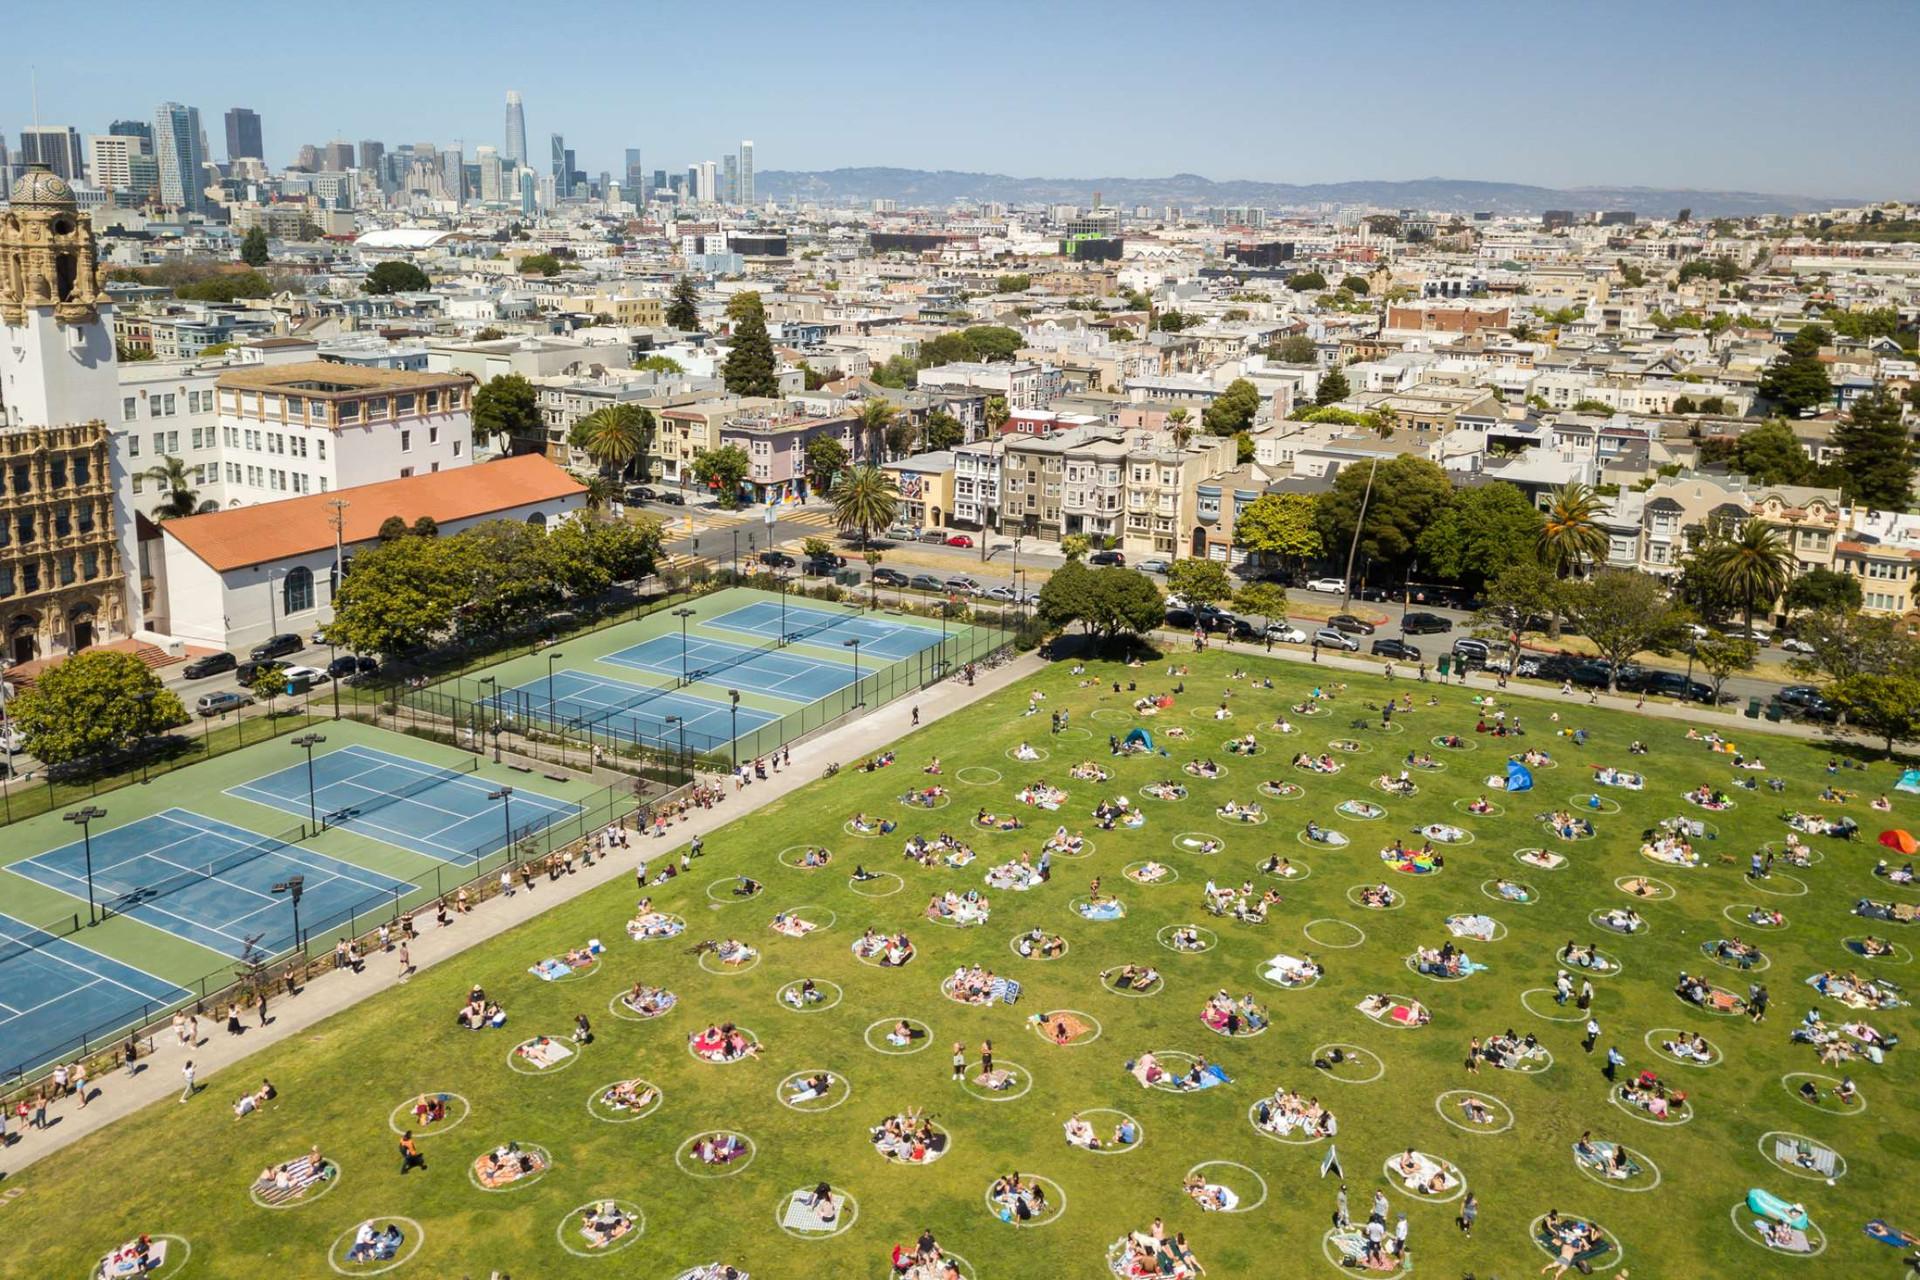 Điểm tên 10 thành phố 'tuyệt vời nhất' thế giới năm 2021 - 2